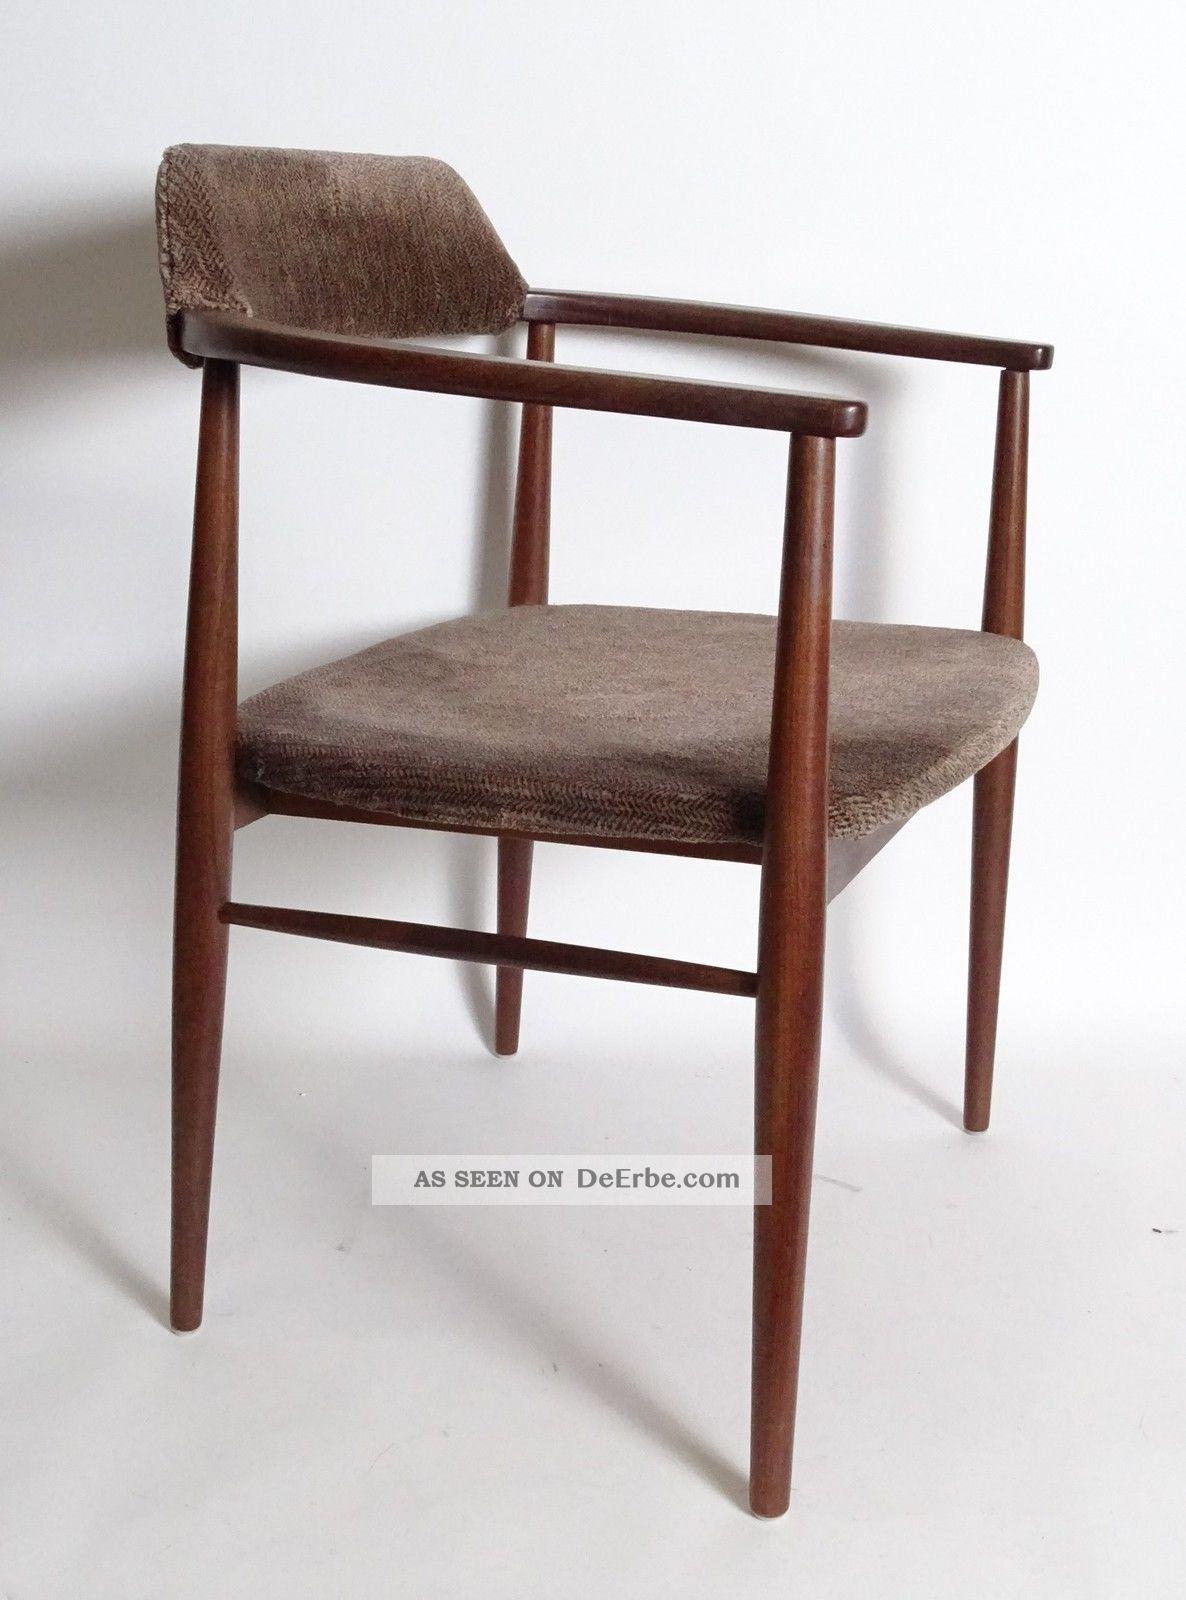 True Vintage Danish Design 50/60er Jahre Armlehnstuhl Stuhl Wohl Teakholz 1950-1959 Bild